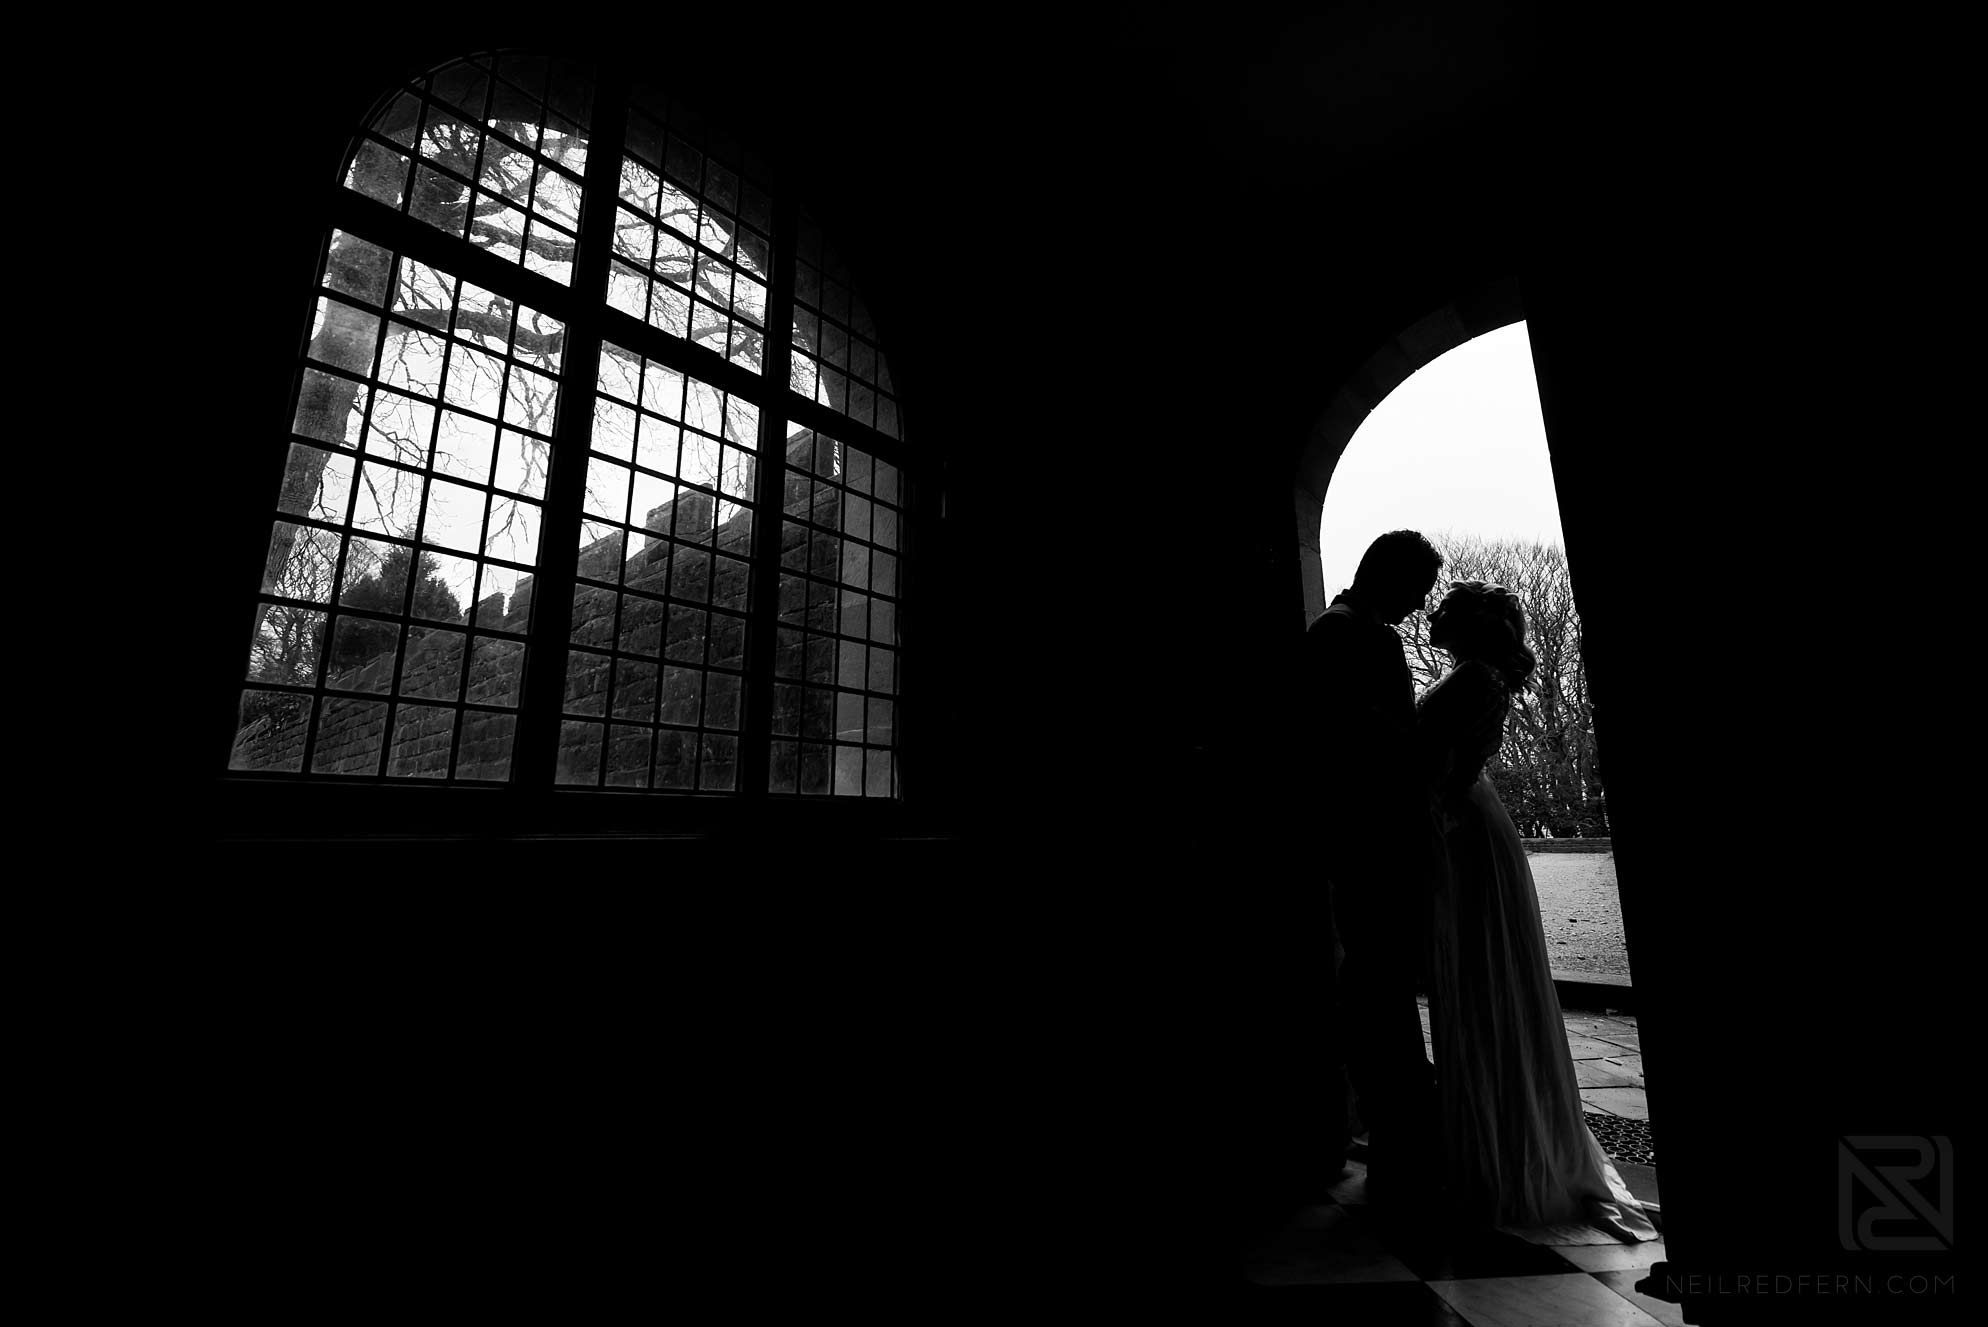 wedding-photography-workshop-lancashire-09